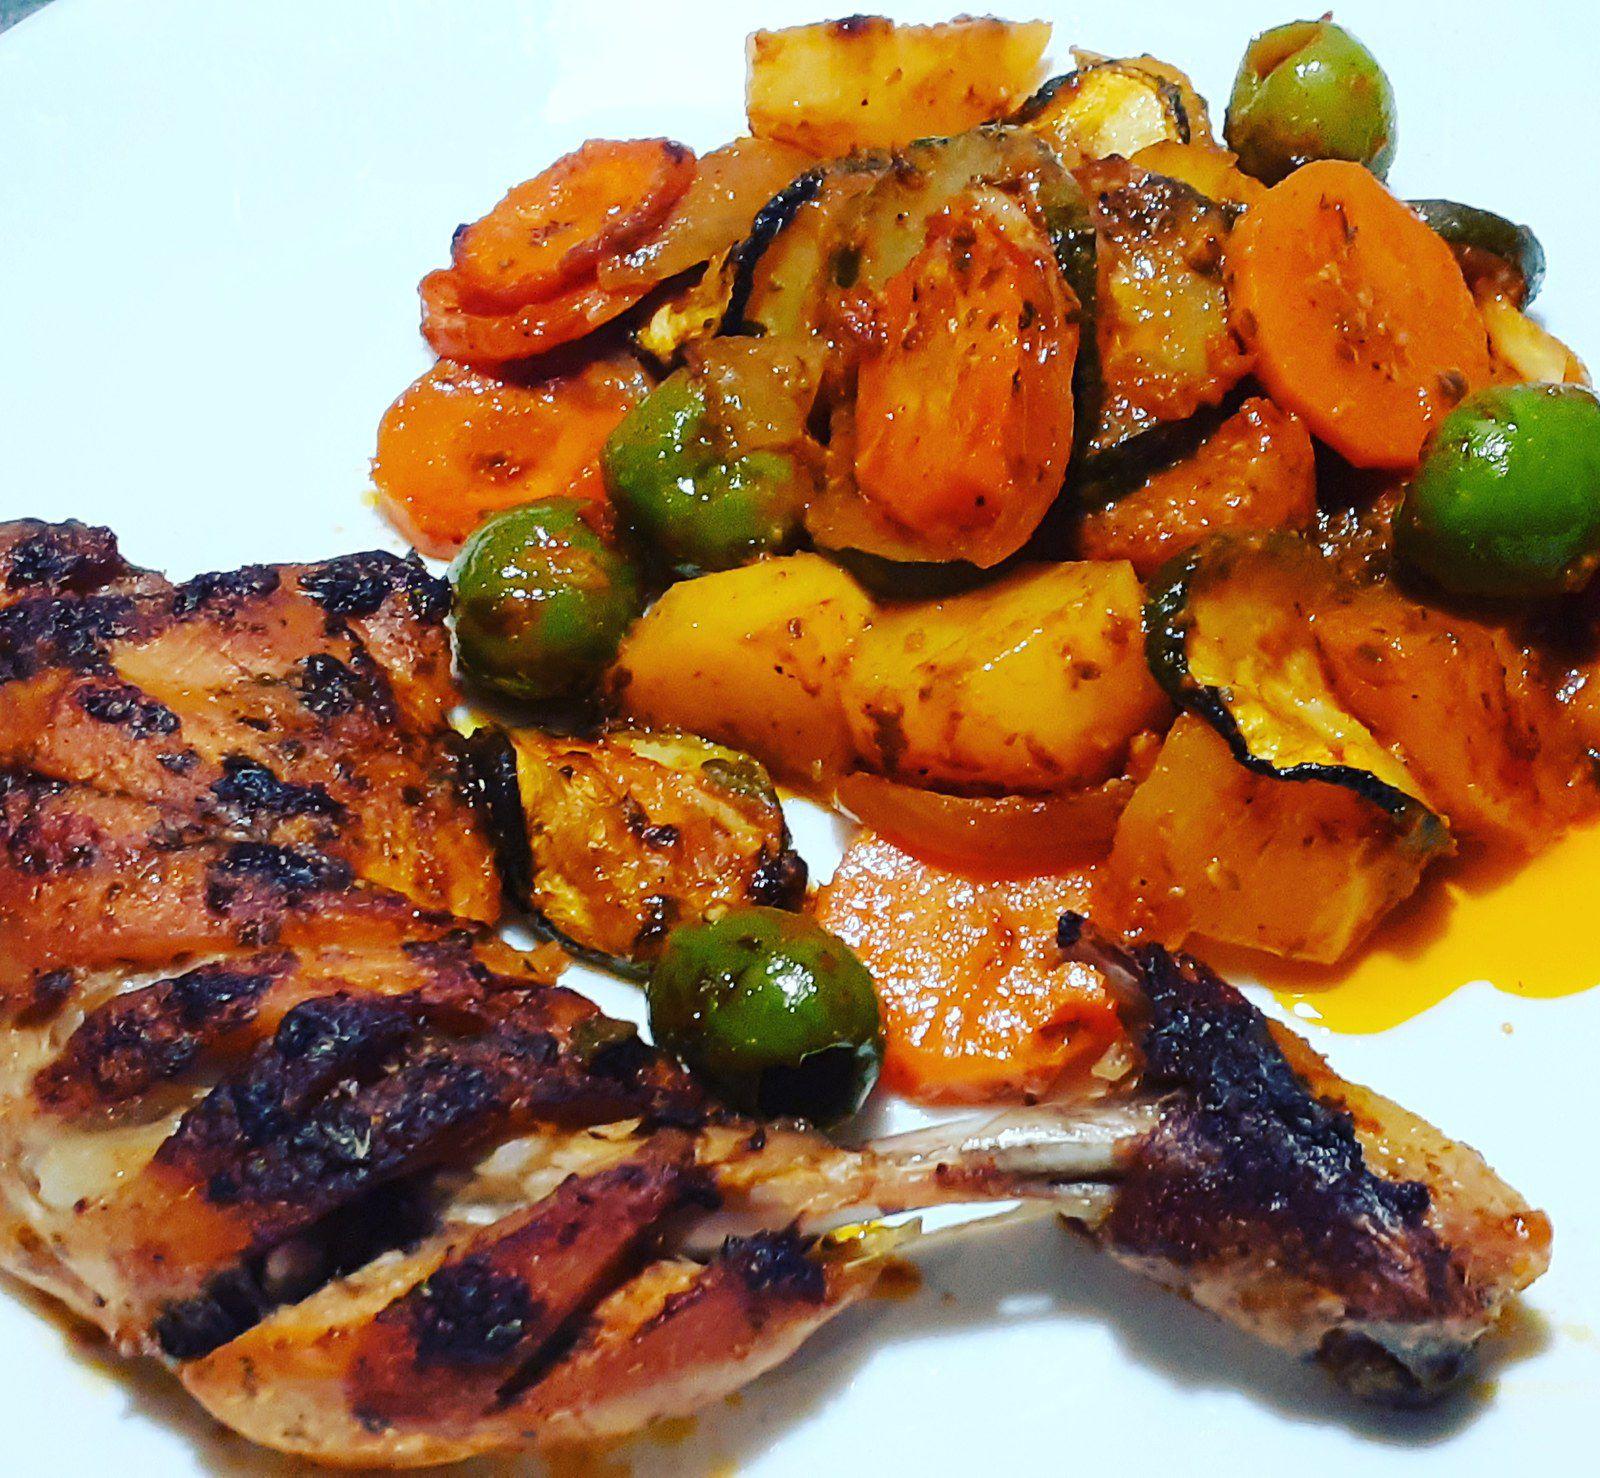 Cuisses de poulet et légumes marinés.